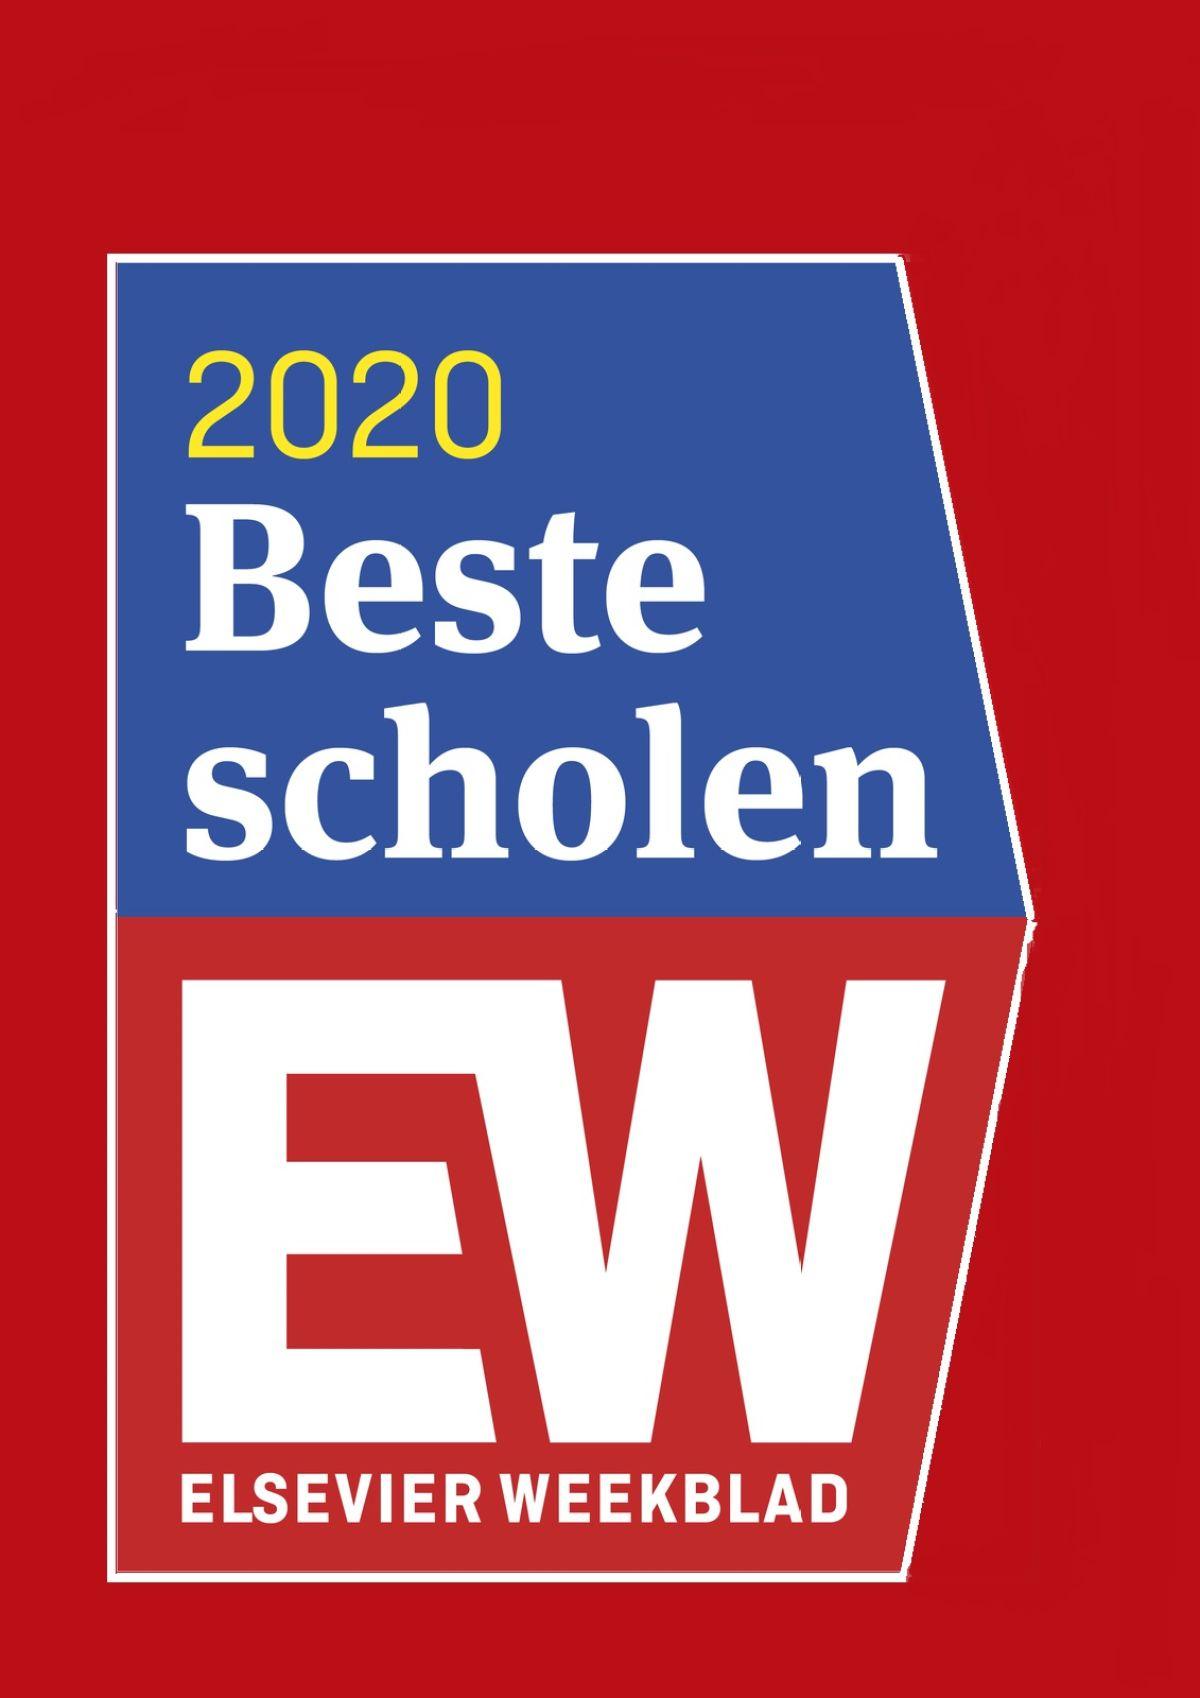 Elsevier: Vakcollege Maarsbergen hoort bij de beste scholen van Nederland!